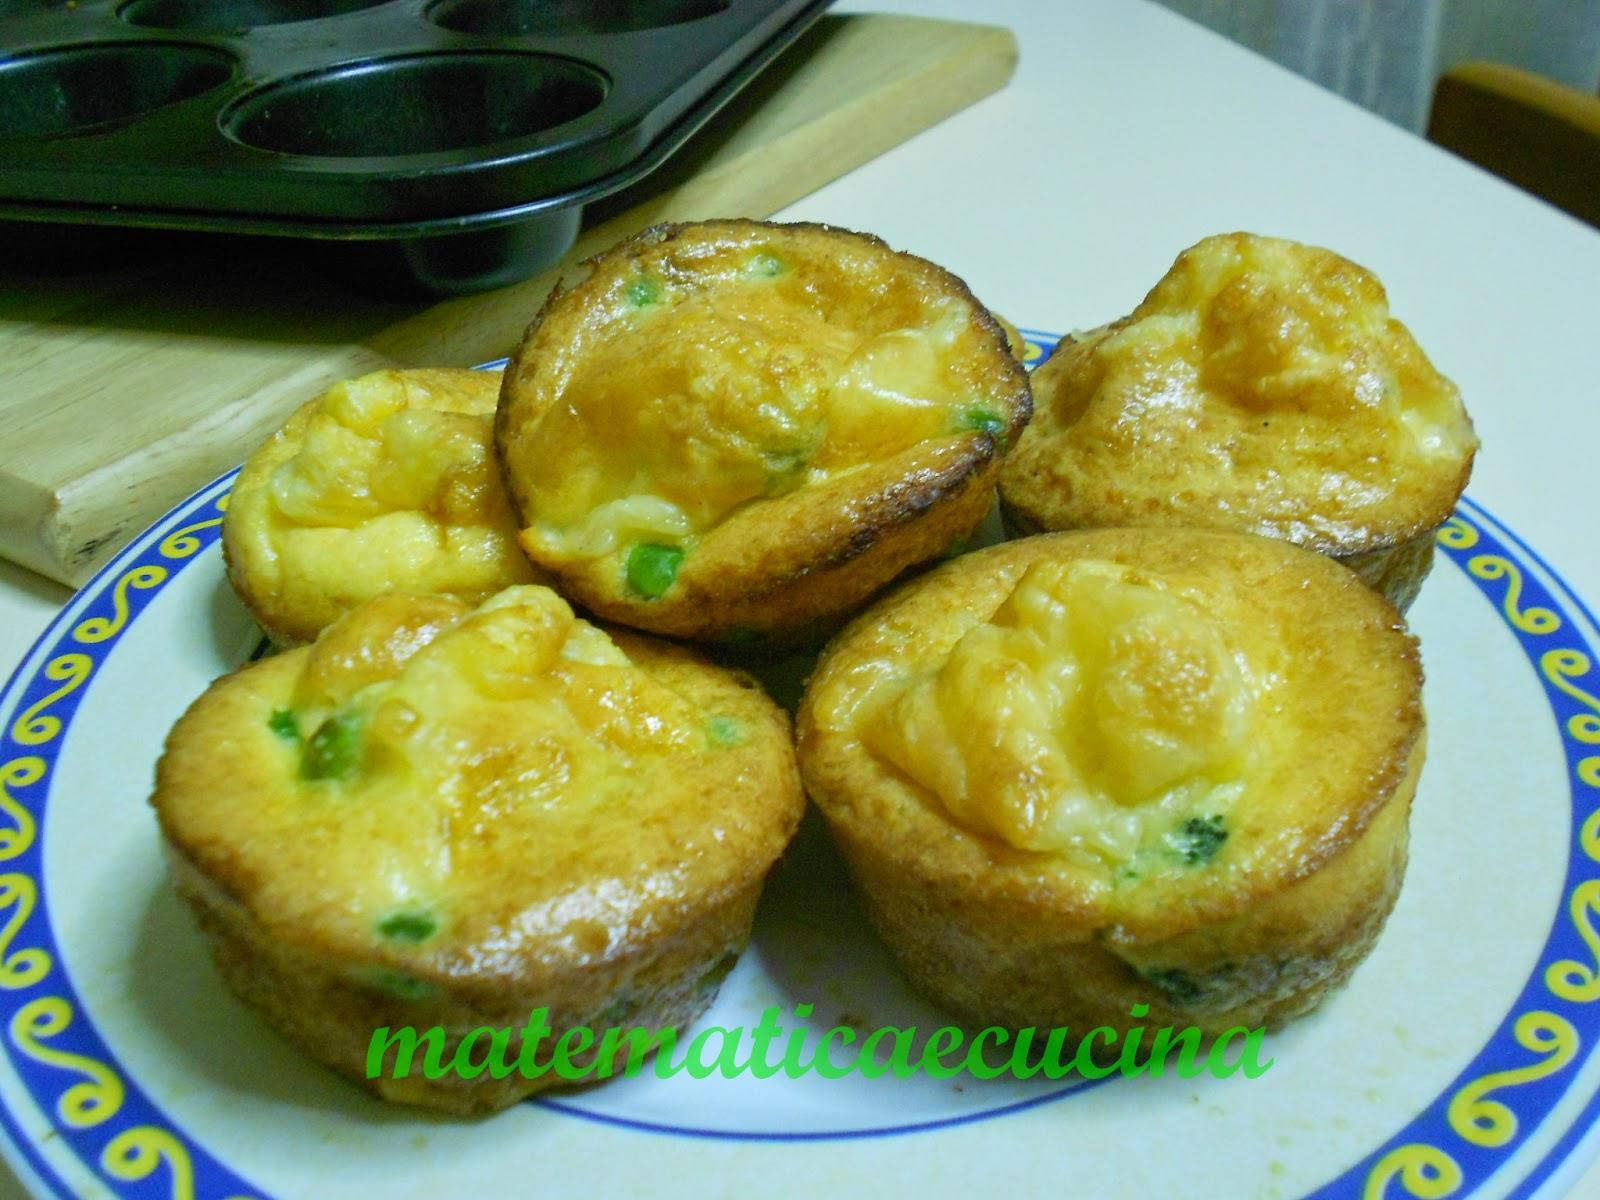 frittatine alle verdure cotte nello stampo dei muffins